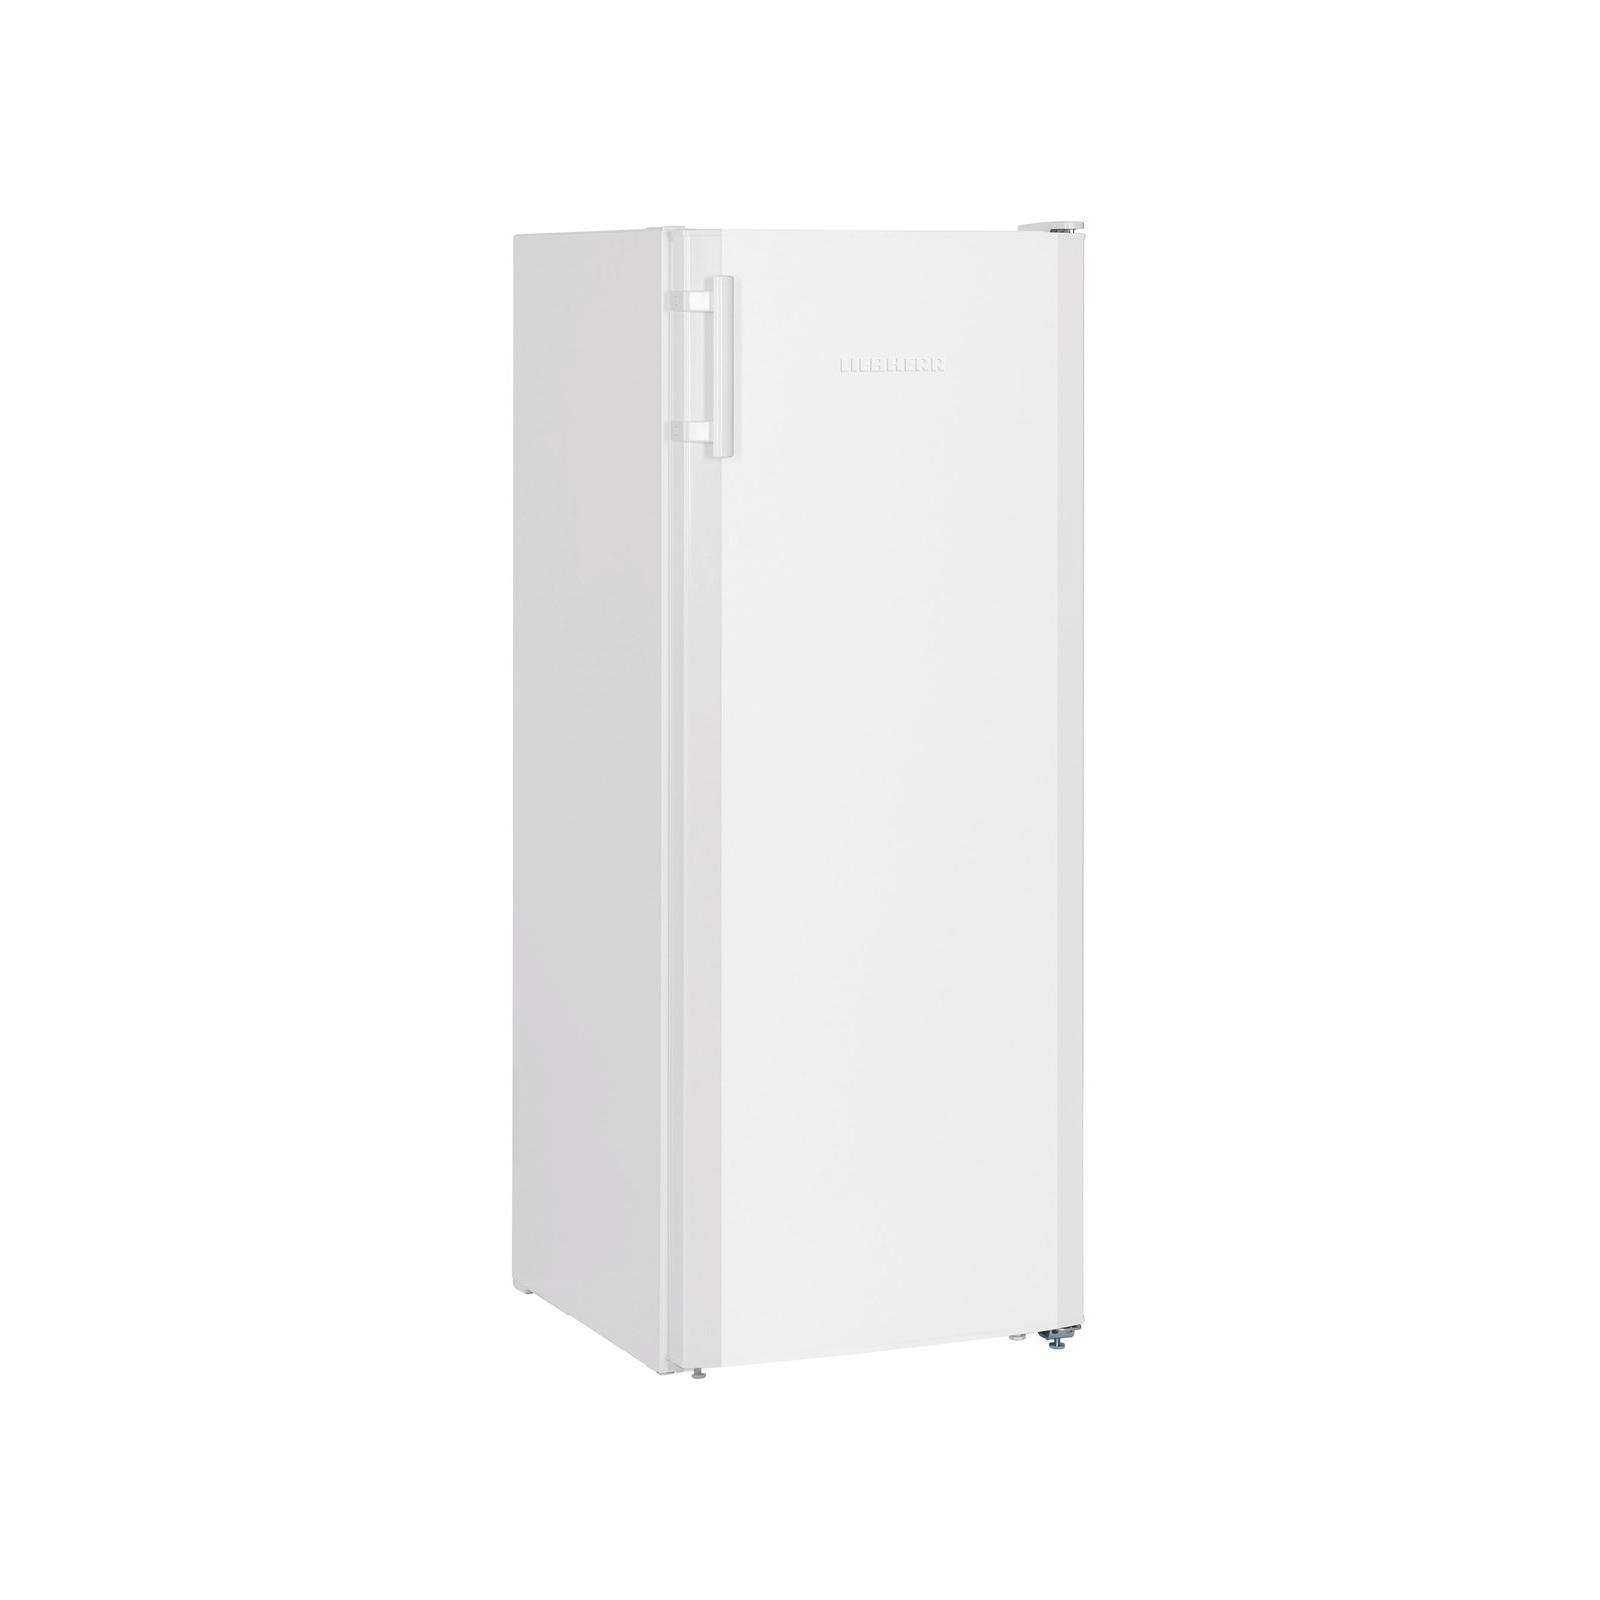 Холодильник Liebherr K 2814 изображение 2